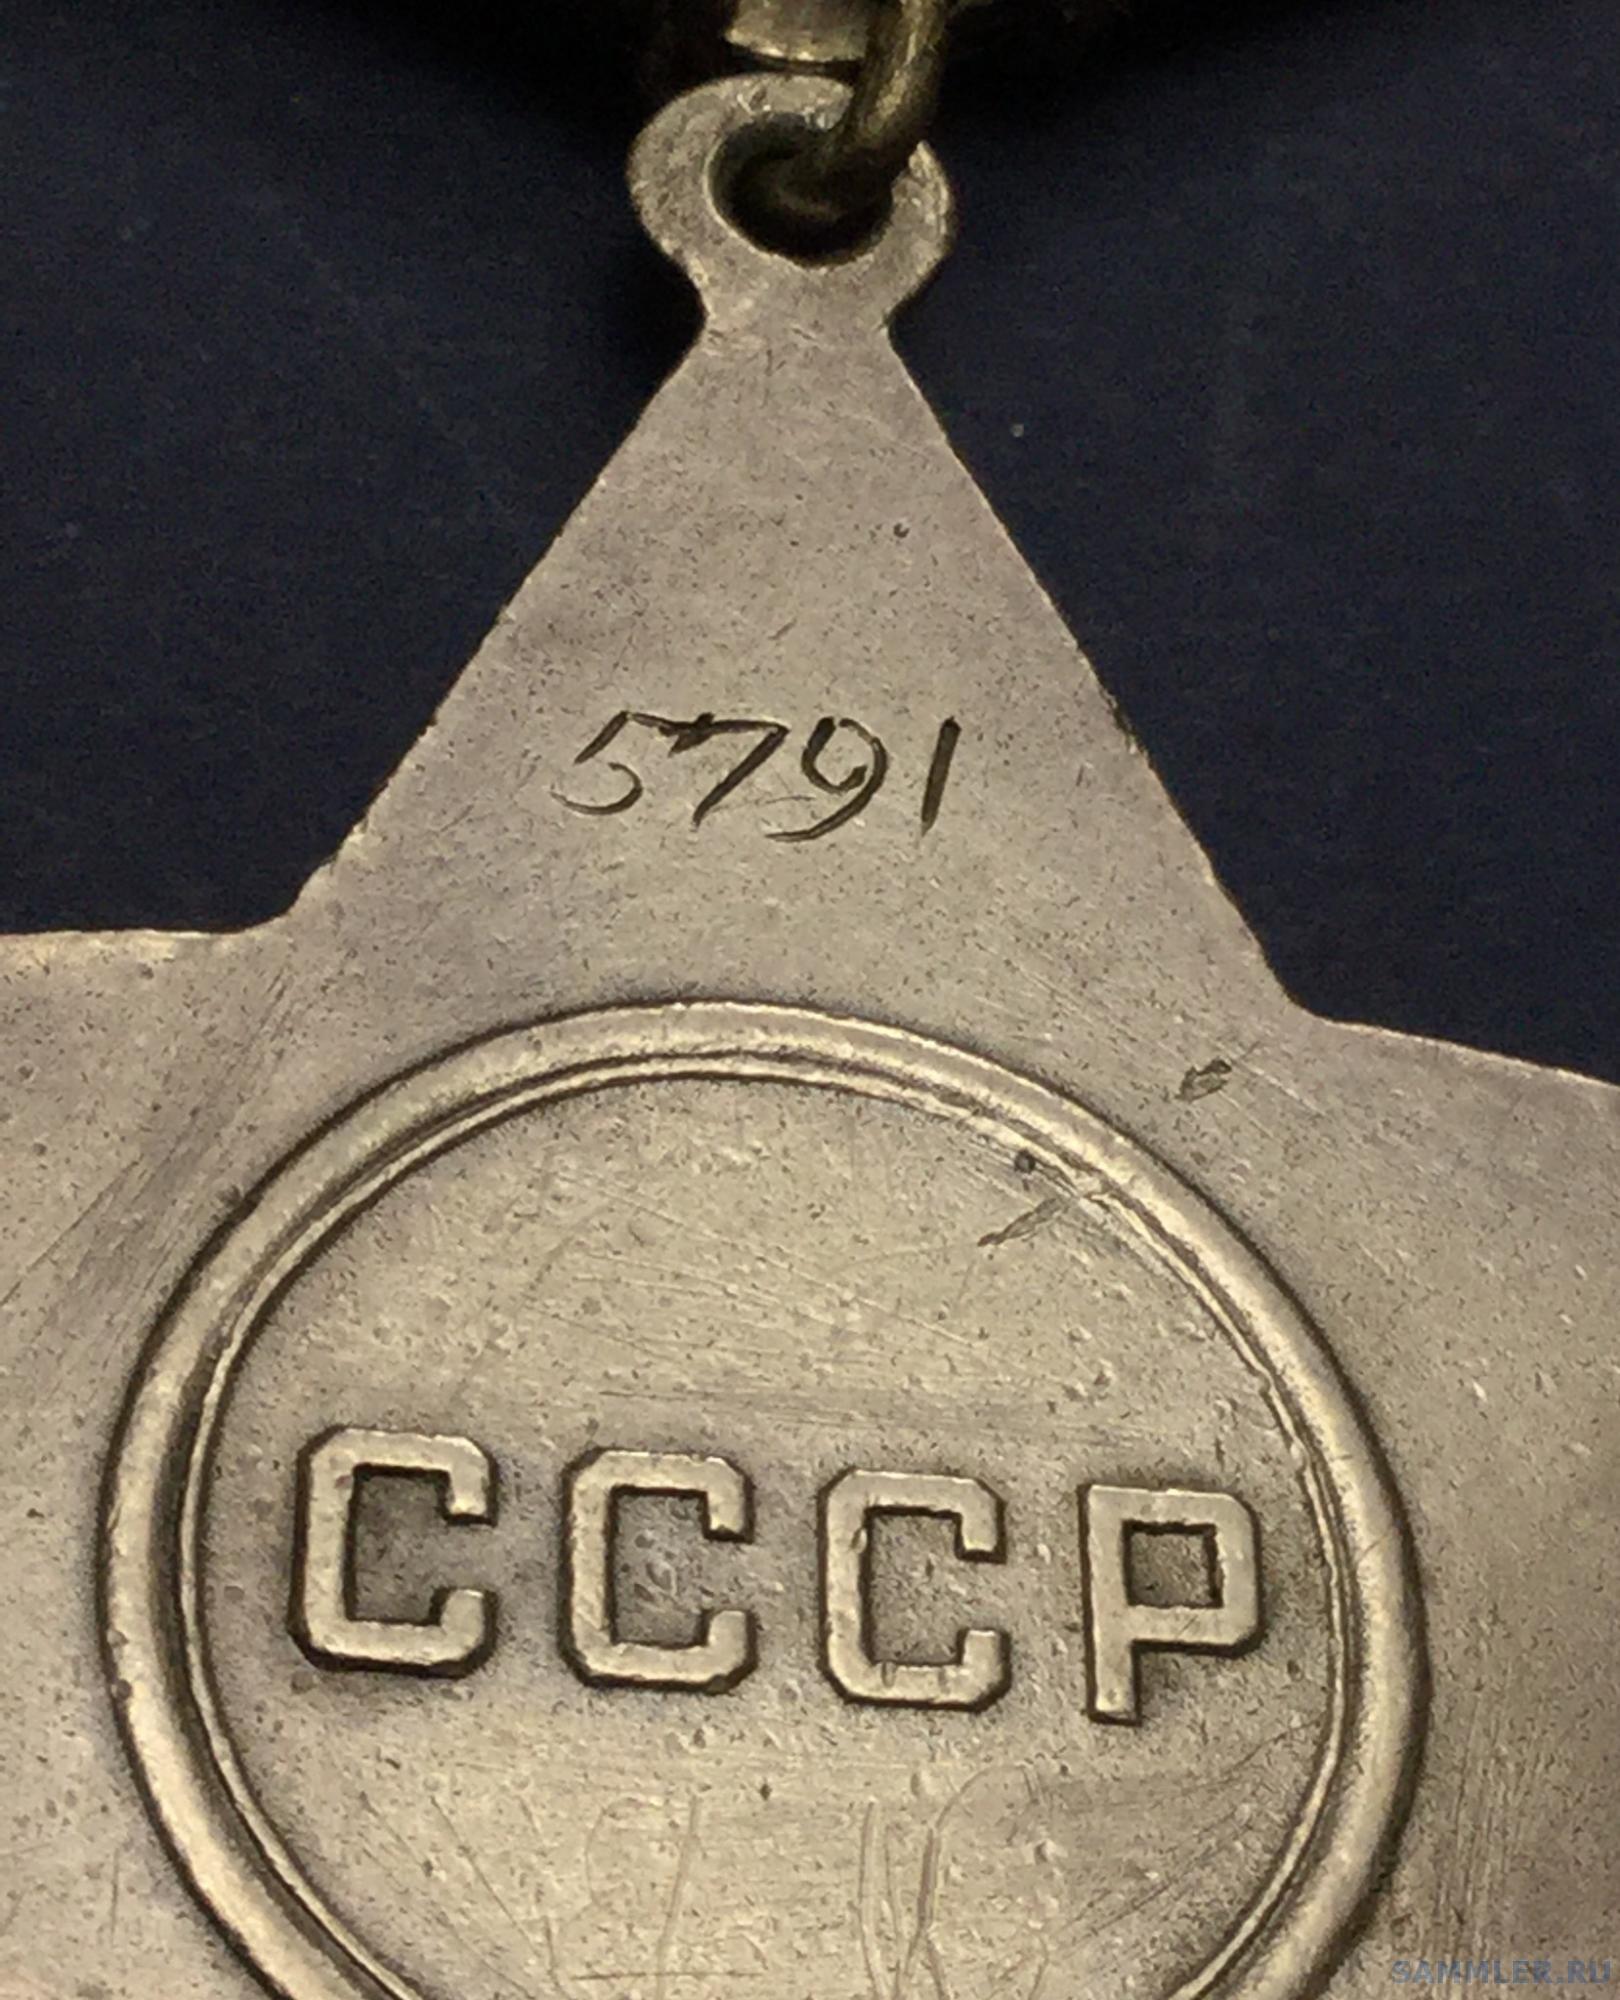 570C529D-44B7-4149-83F0-00F54D3D7649.jpeg